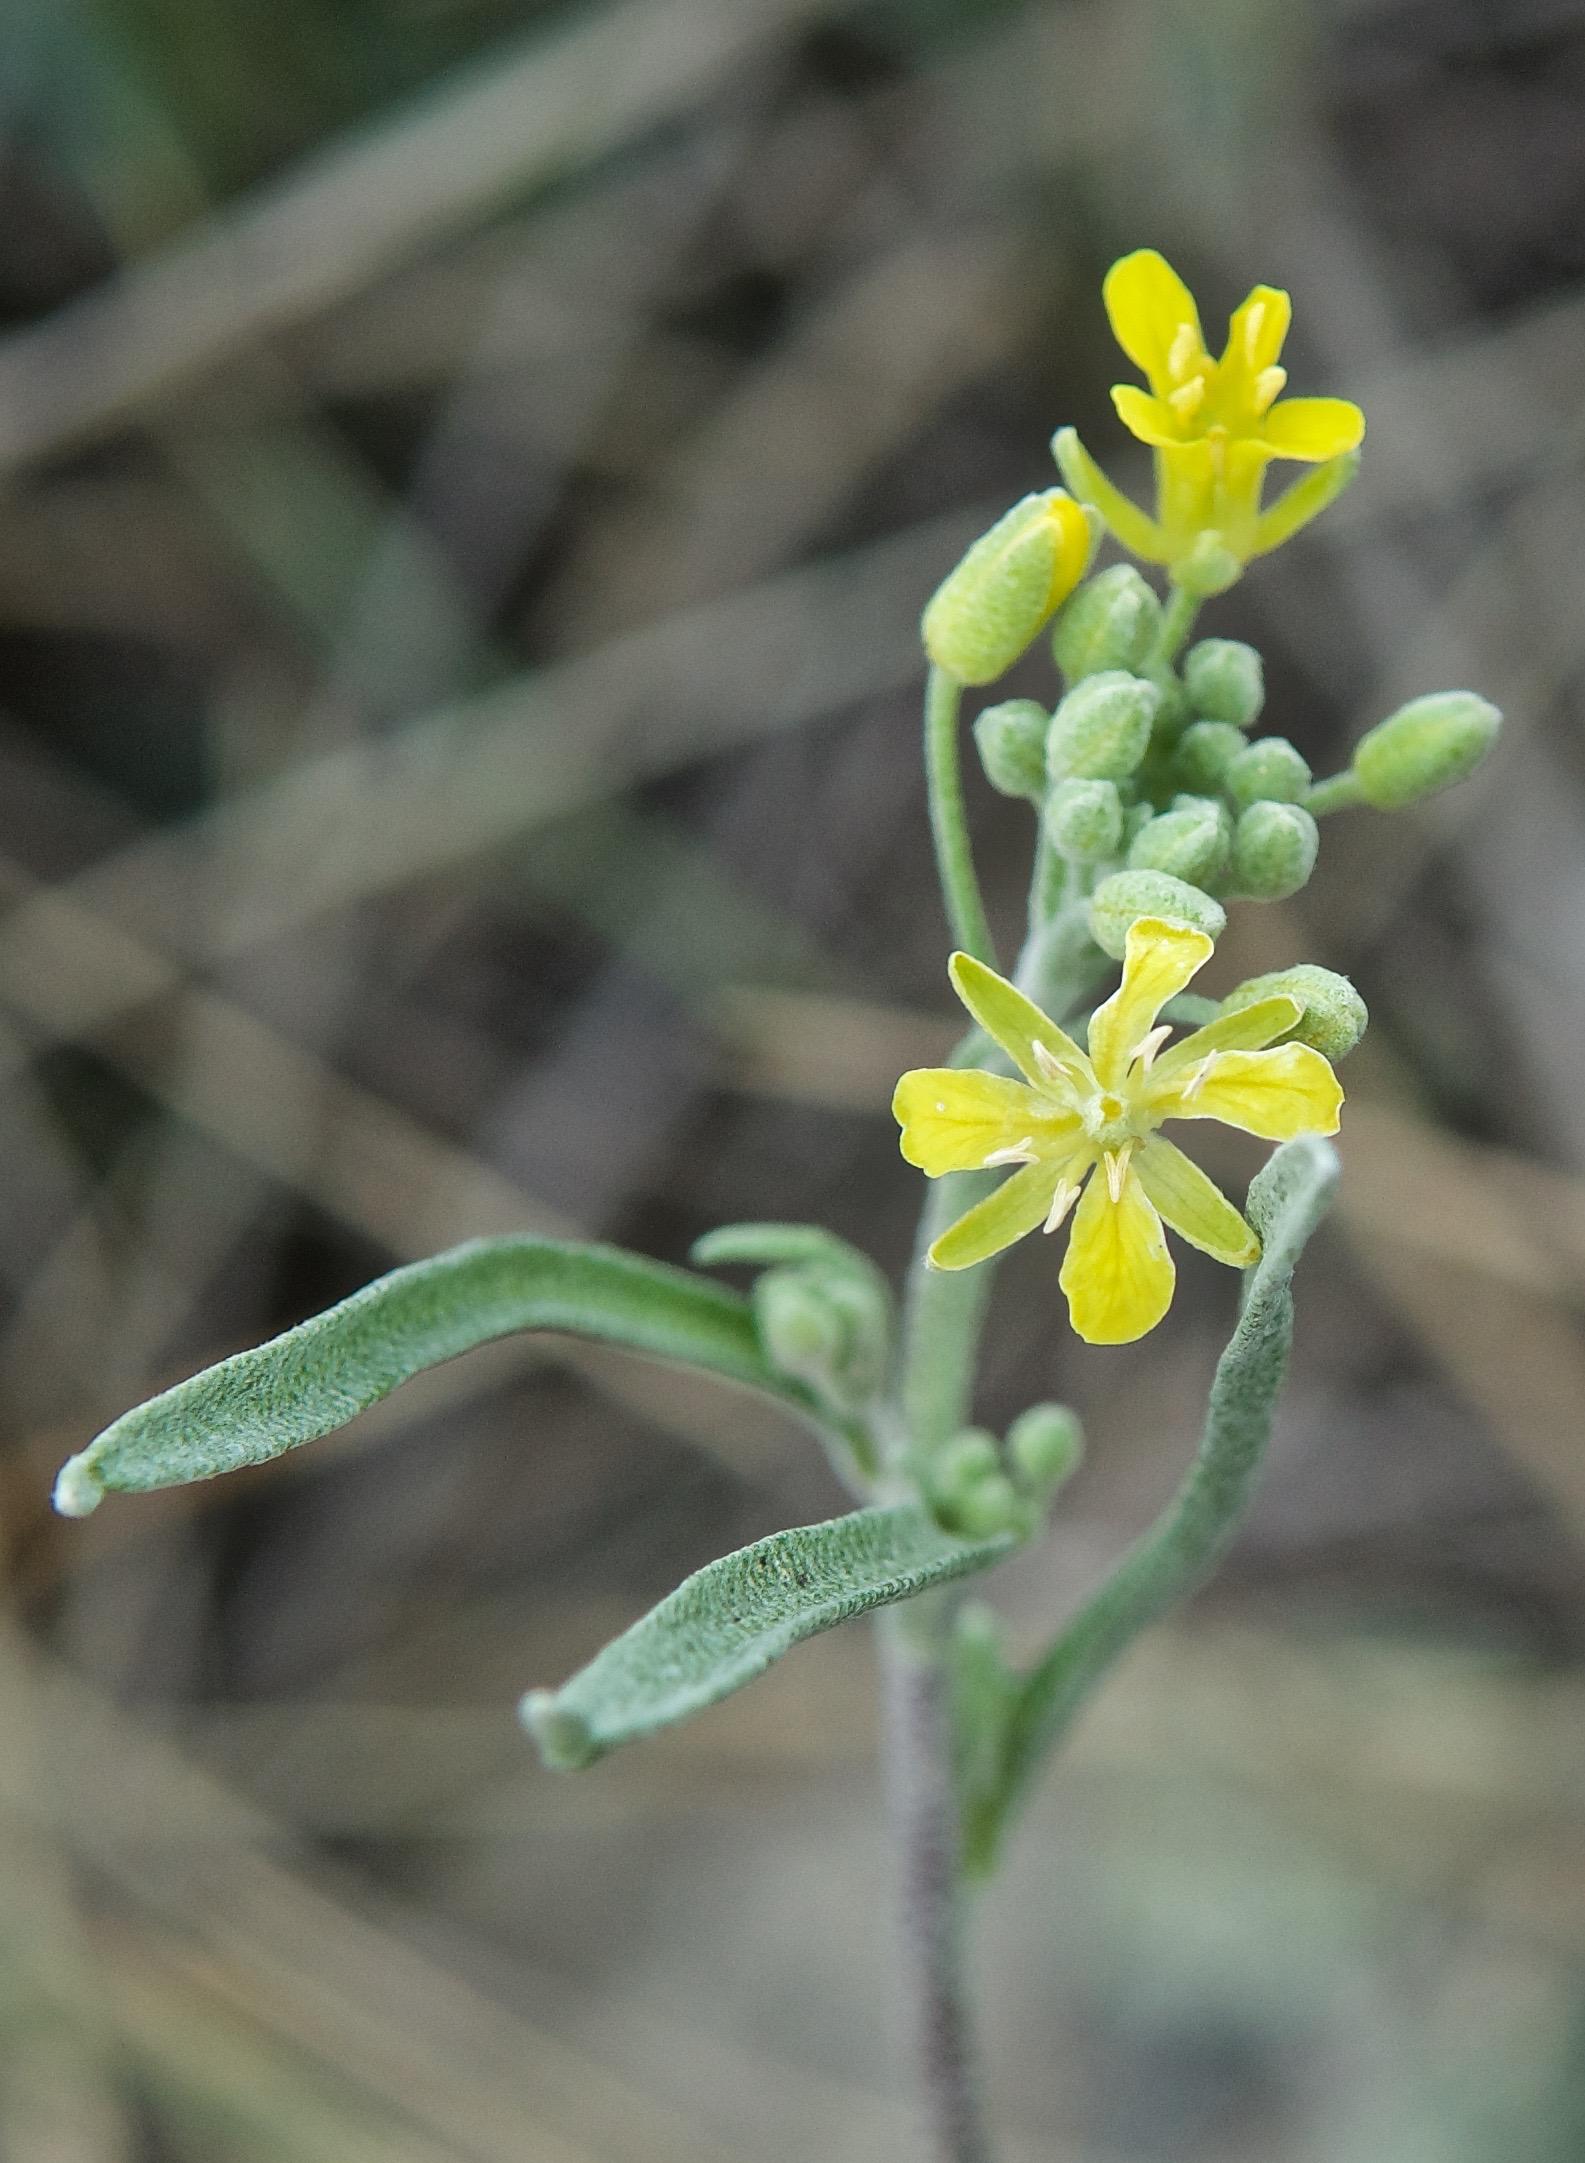 Louisianna Blatterwort (Lesquerella ludoviciana)